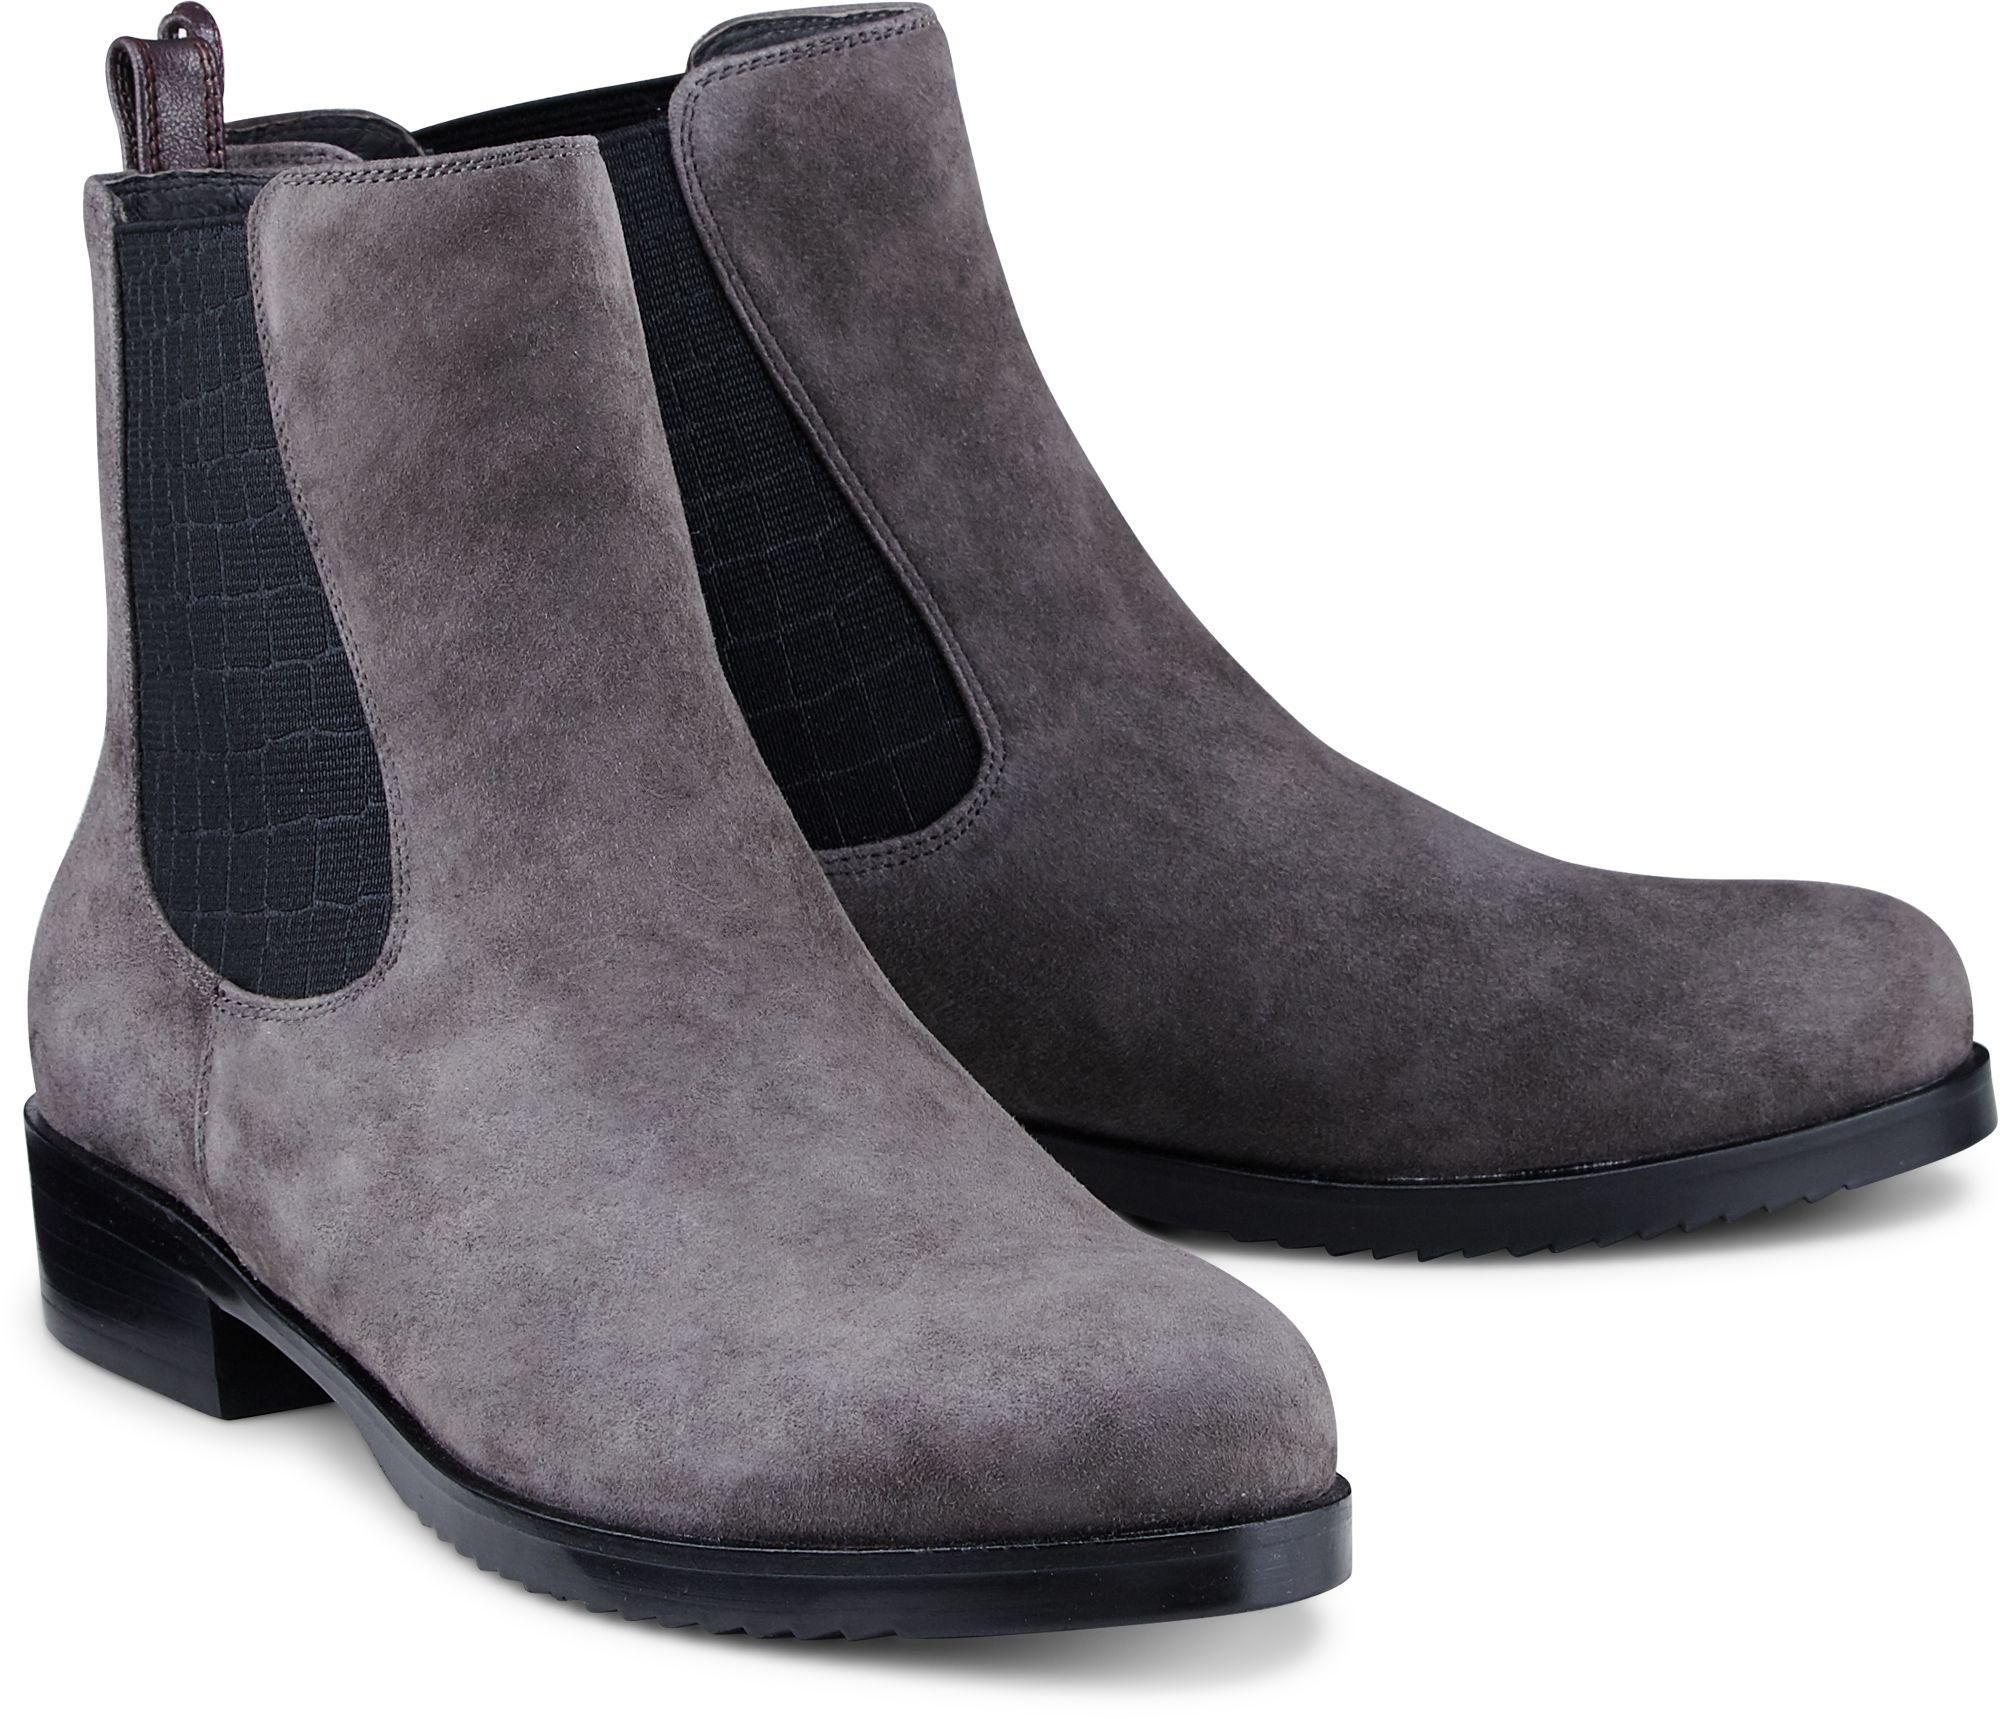 d437e0b6402314 Chelsea Boots von Brax in grau dunkel für Damen. Gr. 36